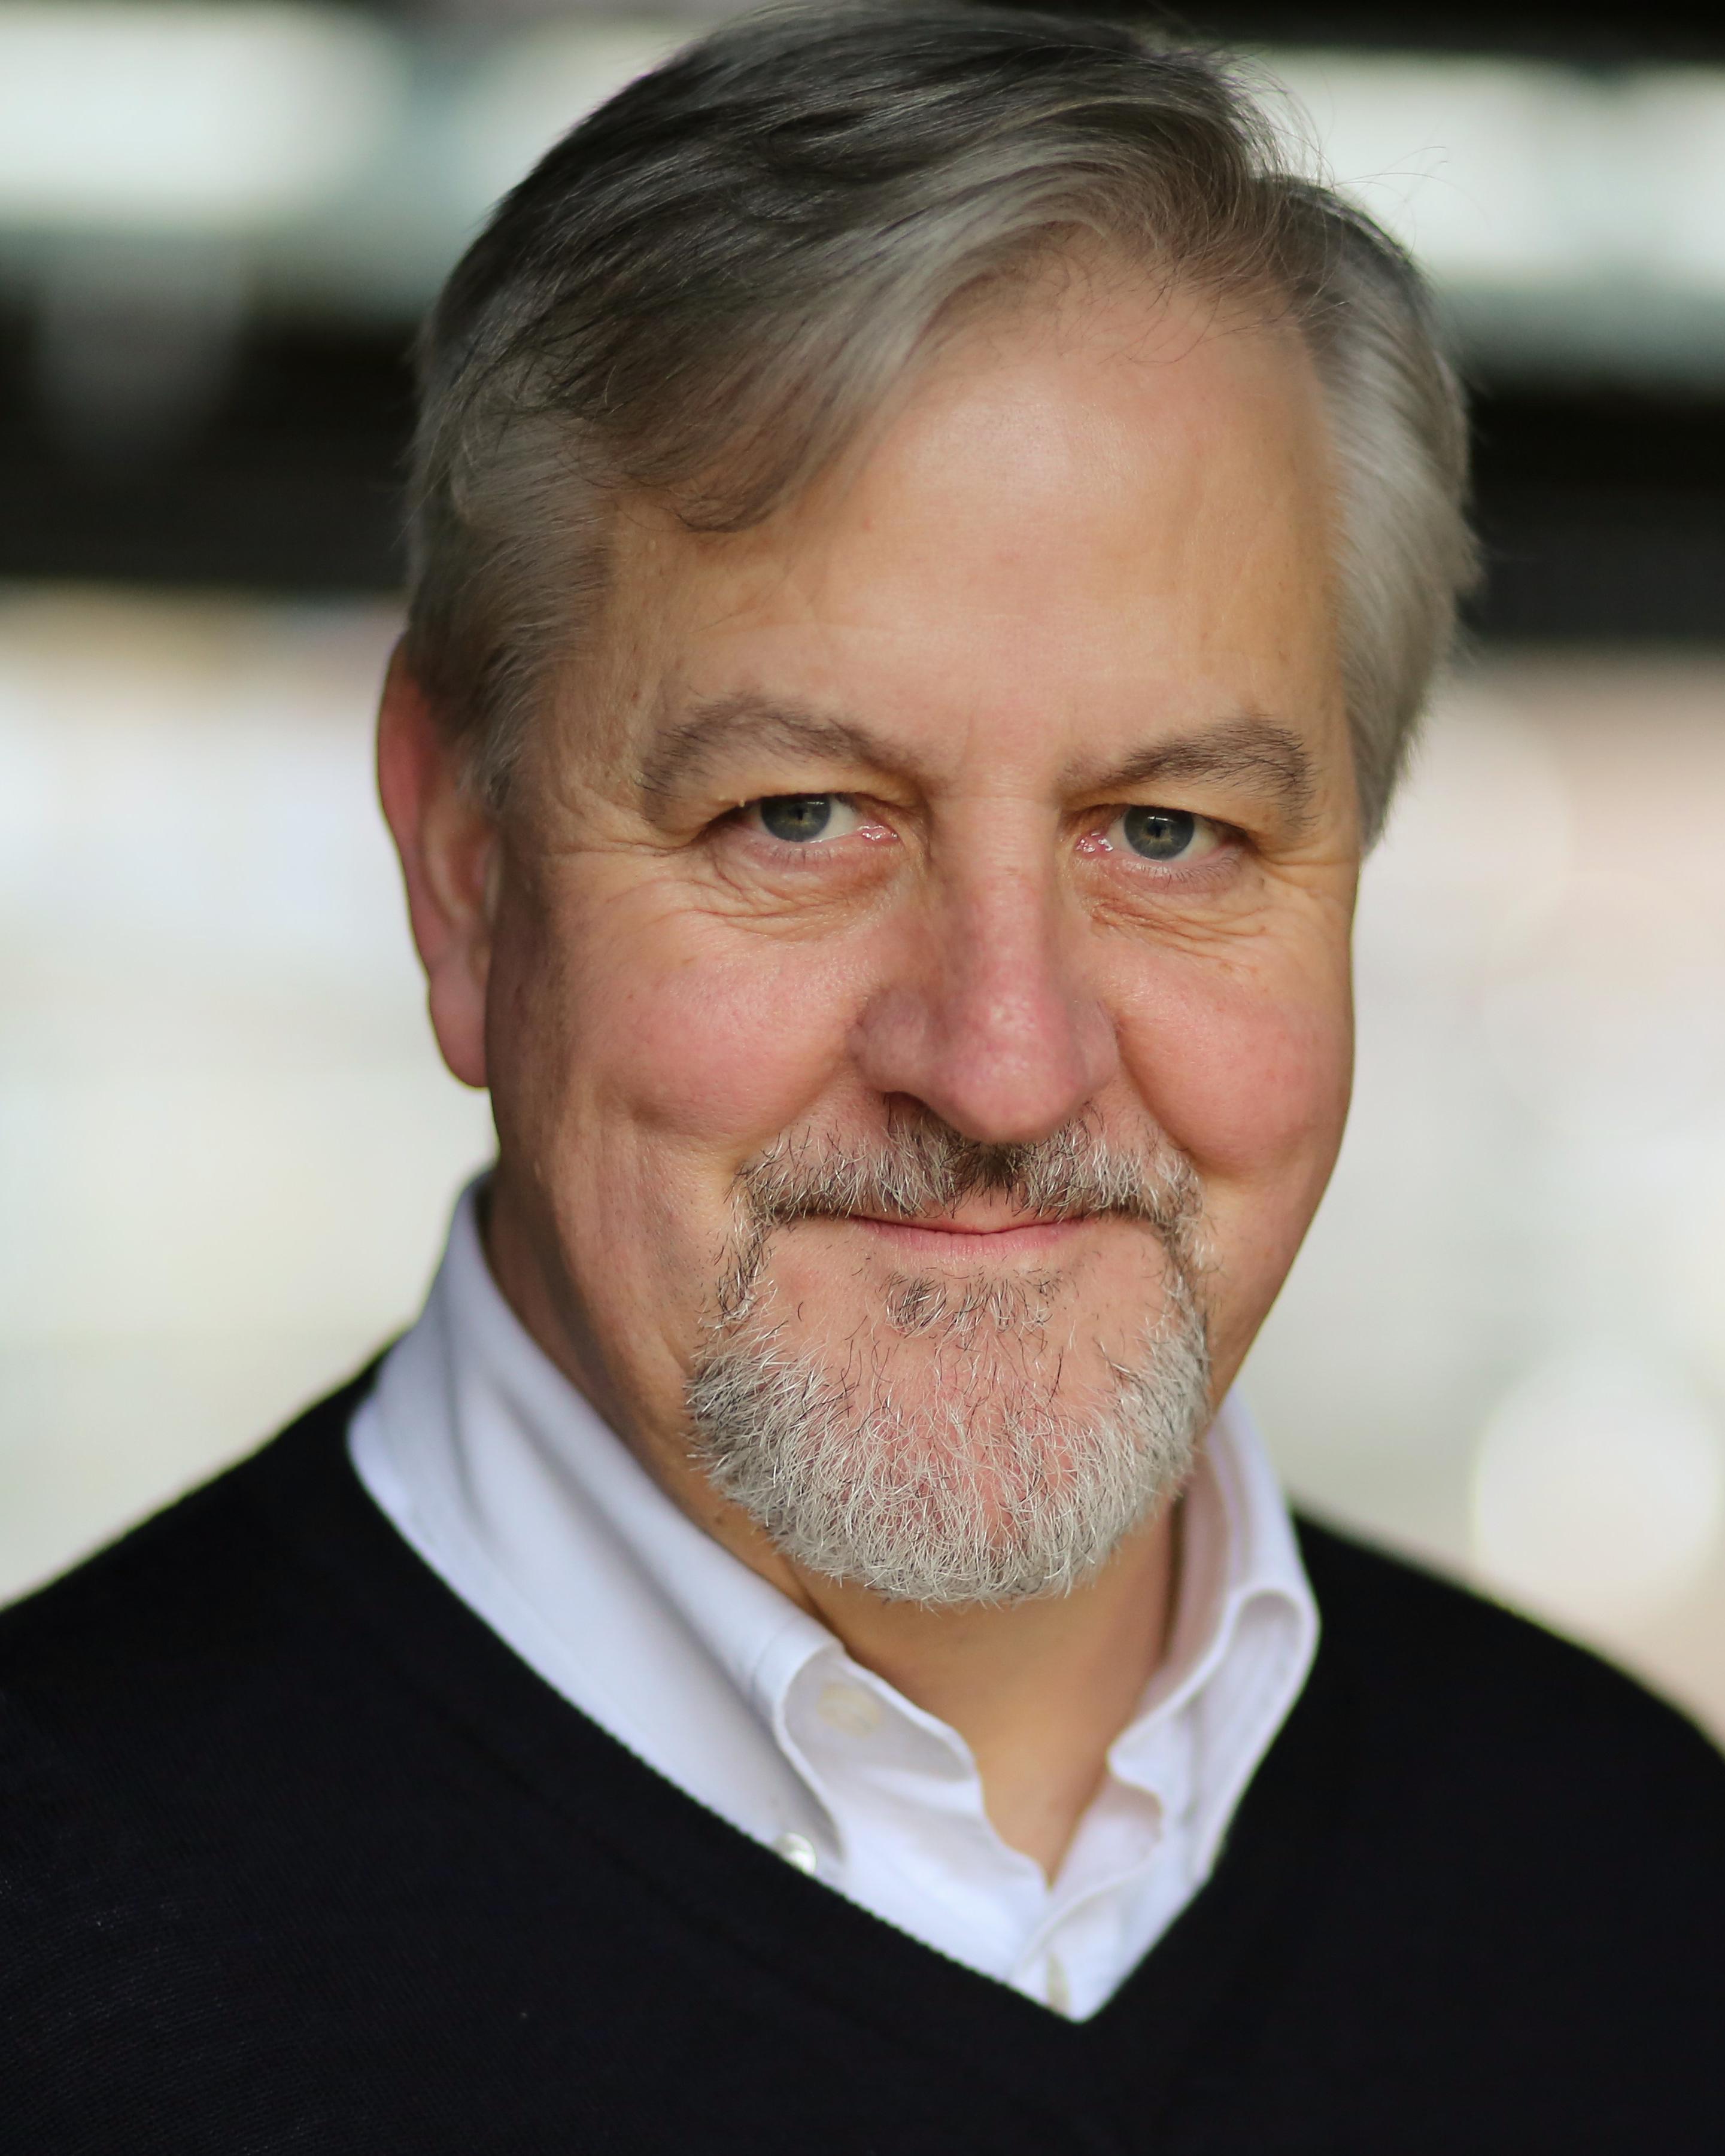 Steve Fortune